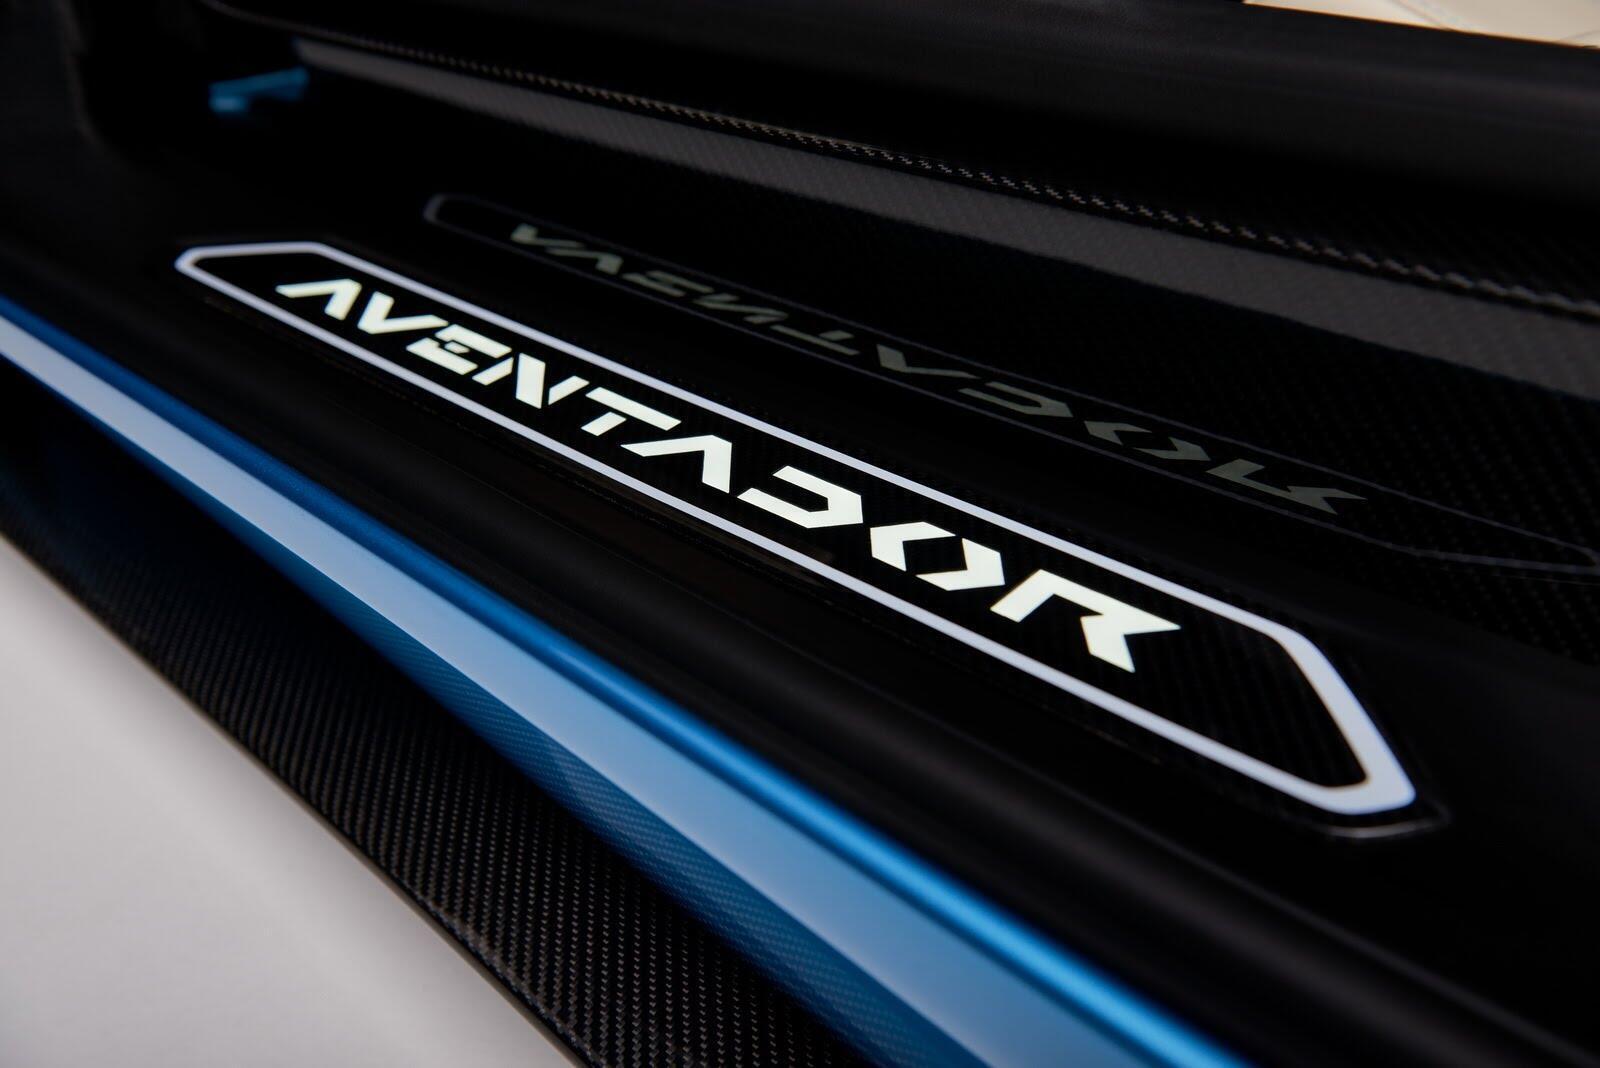 Siêu xe Lamborghini Aventador S Roadster chính thức trình làng - Hình 23